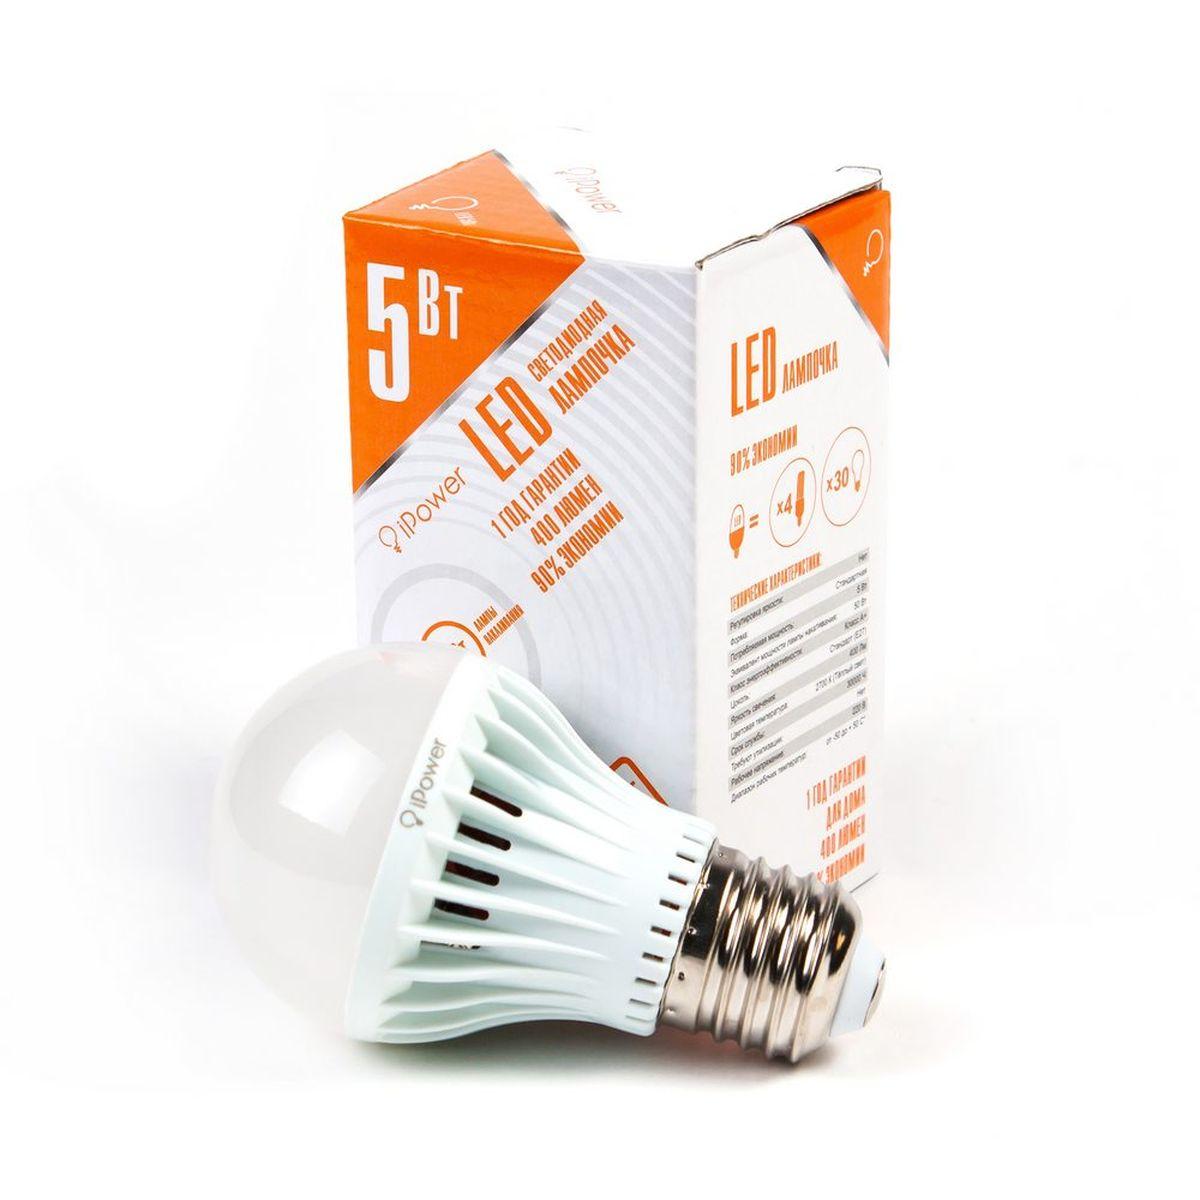 Лампа светодиодная iPower, цоколь Е27, 5W, 2700КC0038550Светодиодная лампа iPower имеет очень низкое энергопотребление. В сравнении с лампами накаливания LED потребляет в 12 разменьше электричества, а в сравнении с энергосберегающими - в 2-4 раза меньше. При этом срок службы LED лампочки в 5 раз выше, чемэнергосберегающей, и в 50 раз выше, чем у лампы накаливания. Светодиодная лампа iPower создает мягкий рассеивающий свет безмерцаний, что совершенно безопасно для глаз. Она специально разработана по требованиям российских и европейских законов и подходит ковсем осветительным устройствам, совместимым со стандартным цоколем E27. Использование светодиодов от мирового лидера Epistar - этозалог надежной и стабильной работы лампы. Теплый оттенок света лампы по световой температуресоответствует обычной лампе накаливания ипозволит создать уют в доме и местах отдыха.Диапазон рабочих температур от -50°С до +50°С.Материал: поликарбонат.Потребляемая мощность: 5 Вт.Рабочее напряжение: 220В.Световая температура: 2700К (теплый свет).Срок службы: 30000 часов.Форма: стандарт.Цоколь: стандарт (E27).Эквивалент мощности лампы накаливания: 50 Вт.Яркость свечения: 400 Лм.